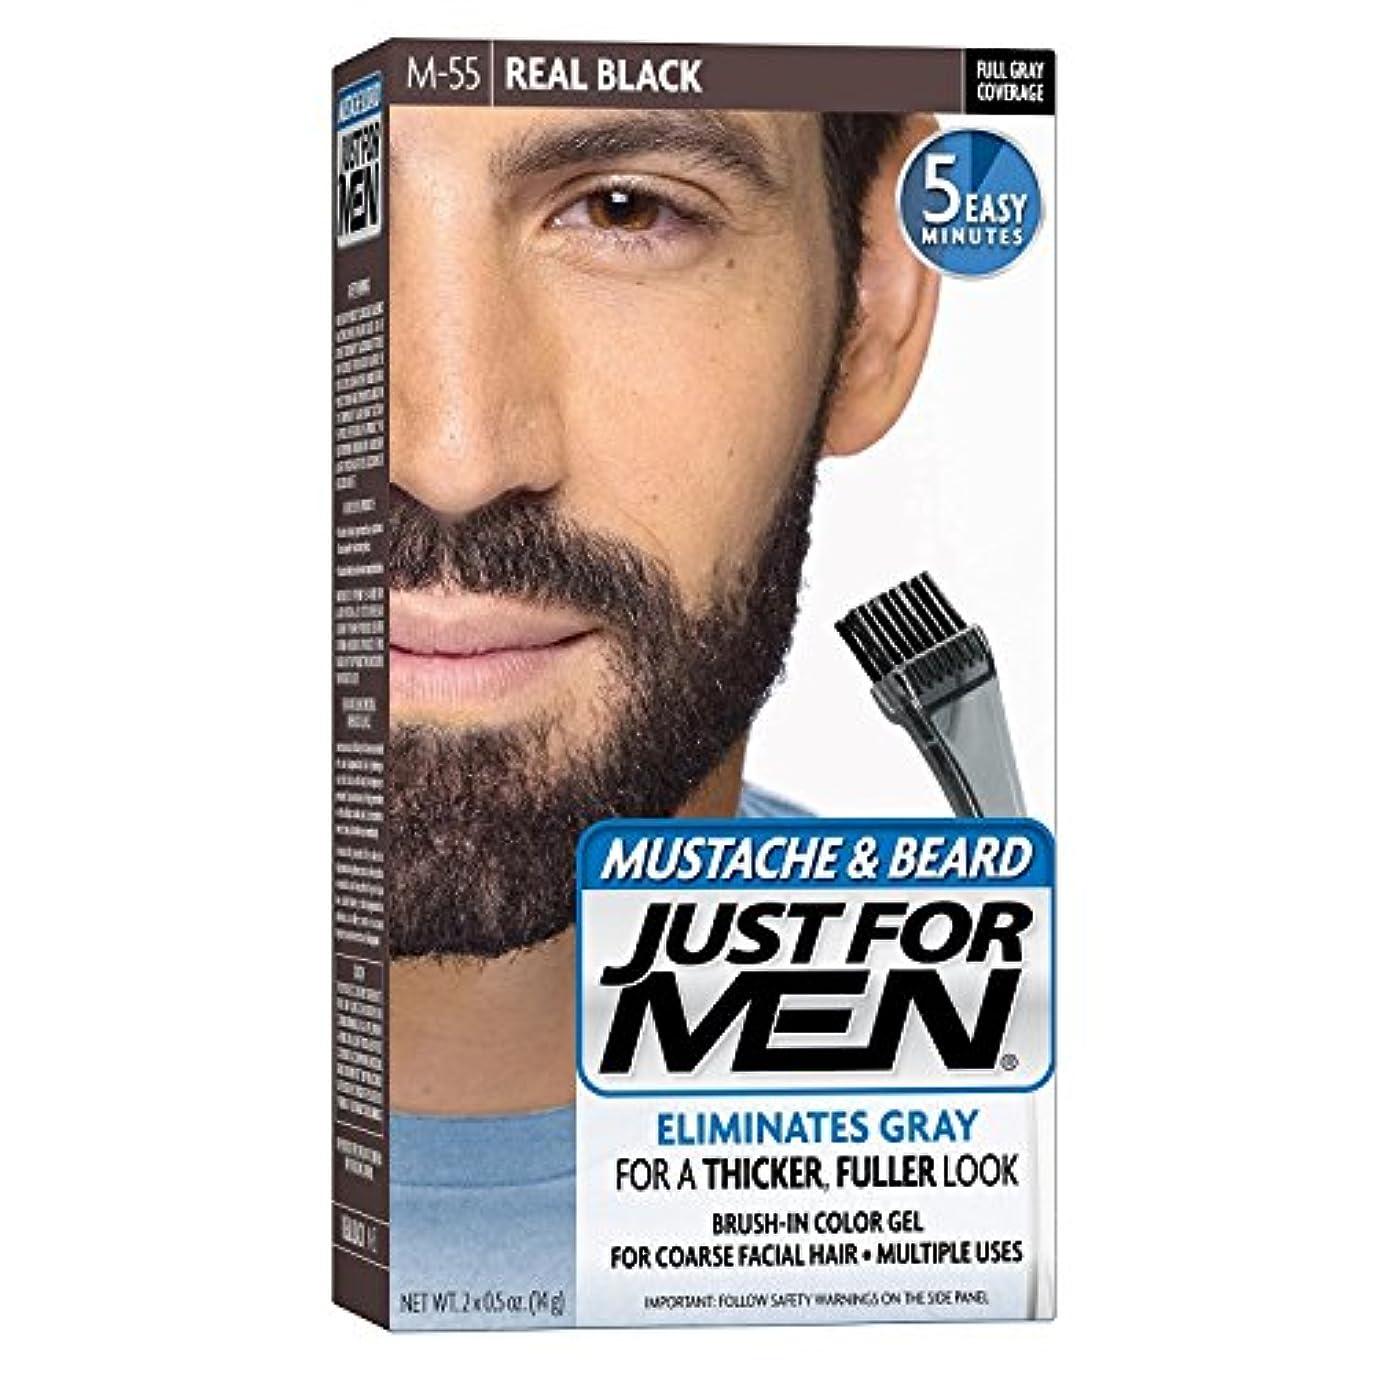 可動式ごみくしゃくしゃJust For Men Mstch-Beard #M-55 Real Black Color Gel (並行輸入品)